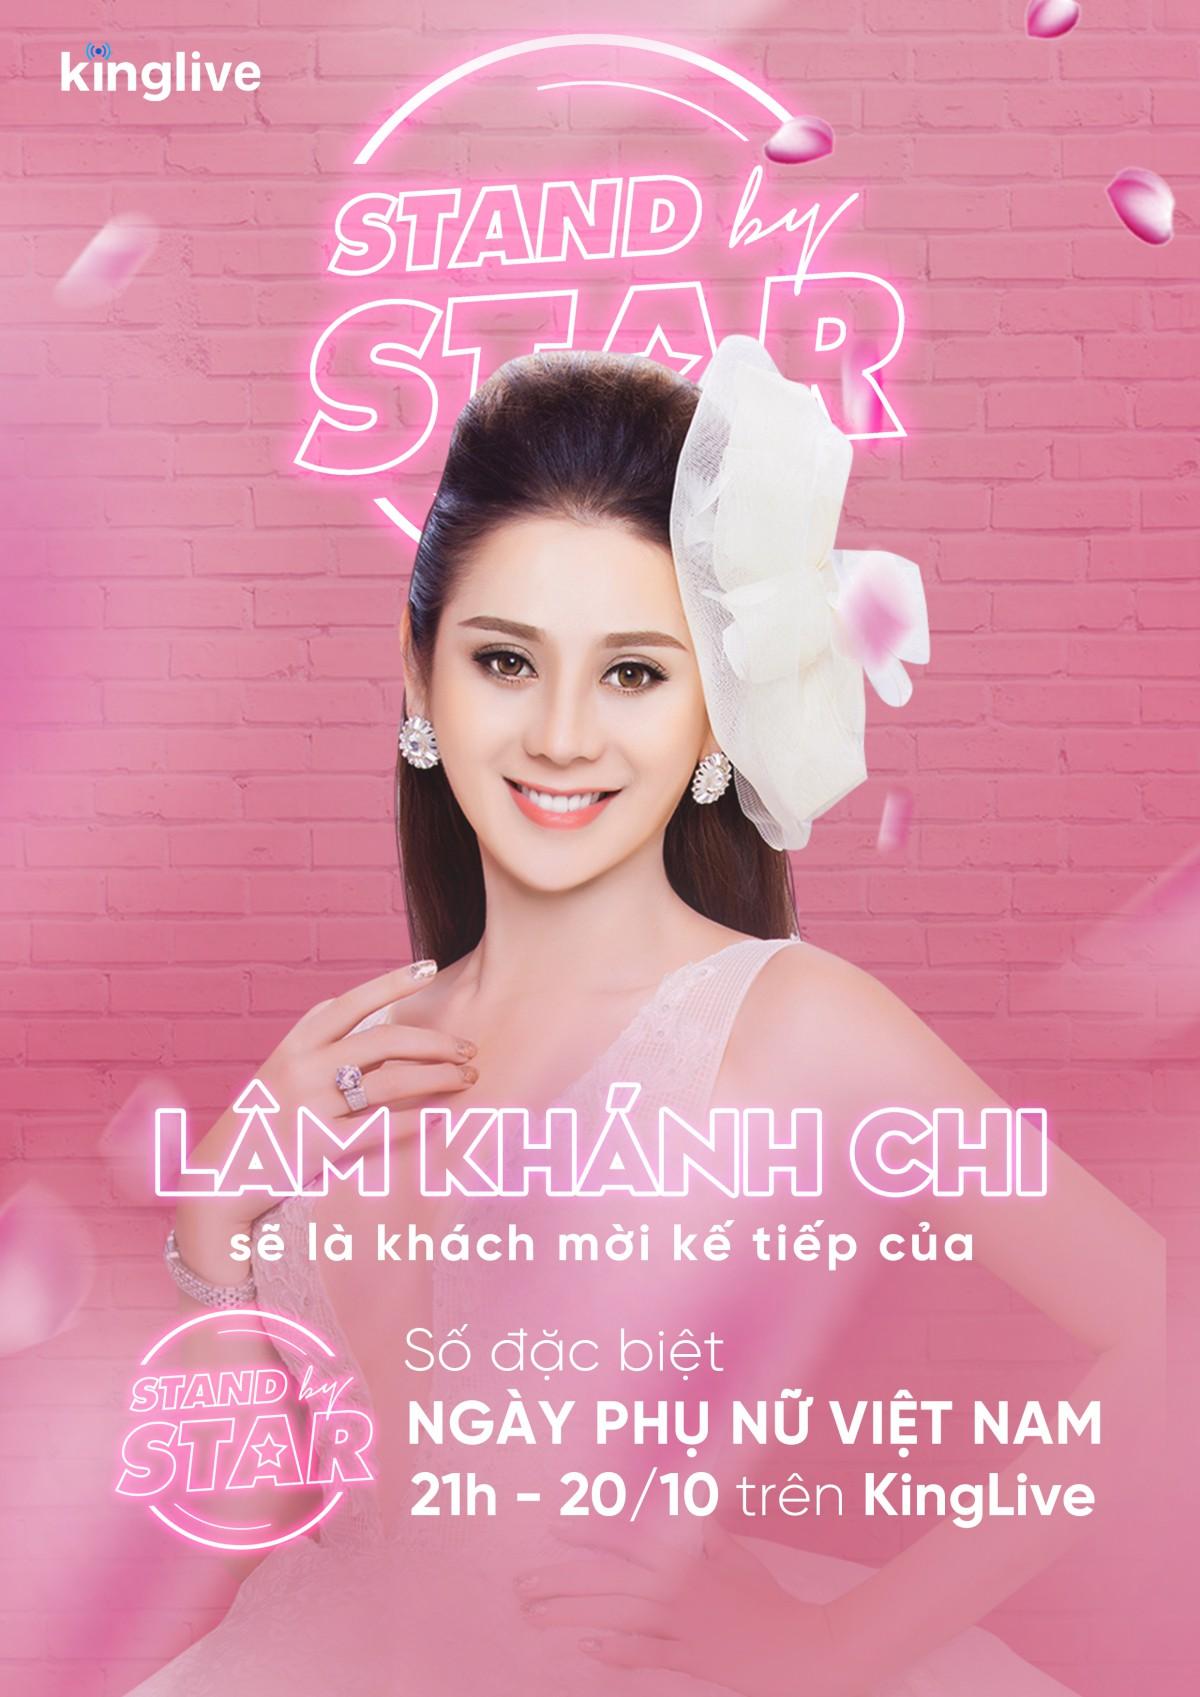 Dàn sao khủng Vbiz đổ bộ Stand By Star, hứa hẹn bùng nổ cảm xúc cùng ngày Phụ nữ Việt Nam 20/10 - Ảnh 4.